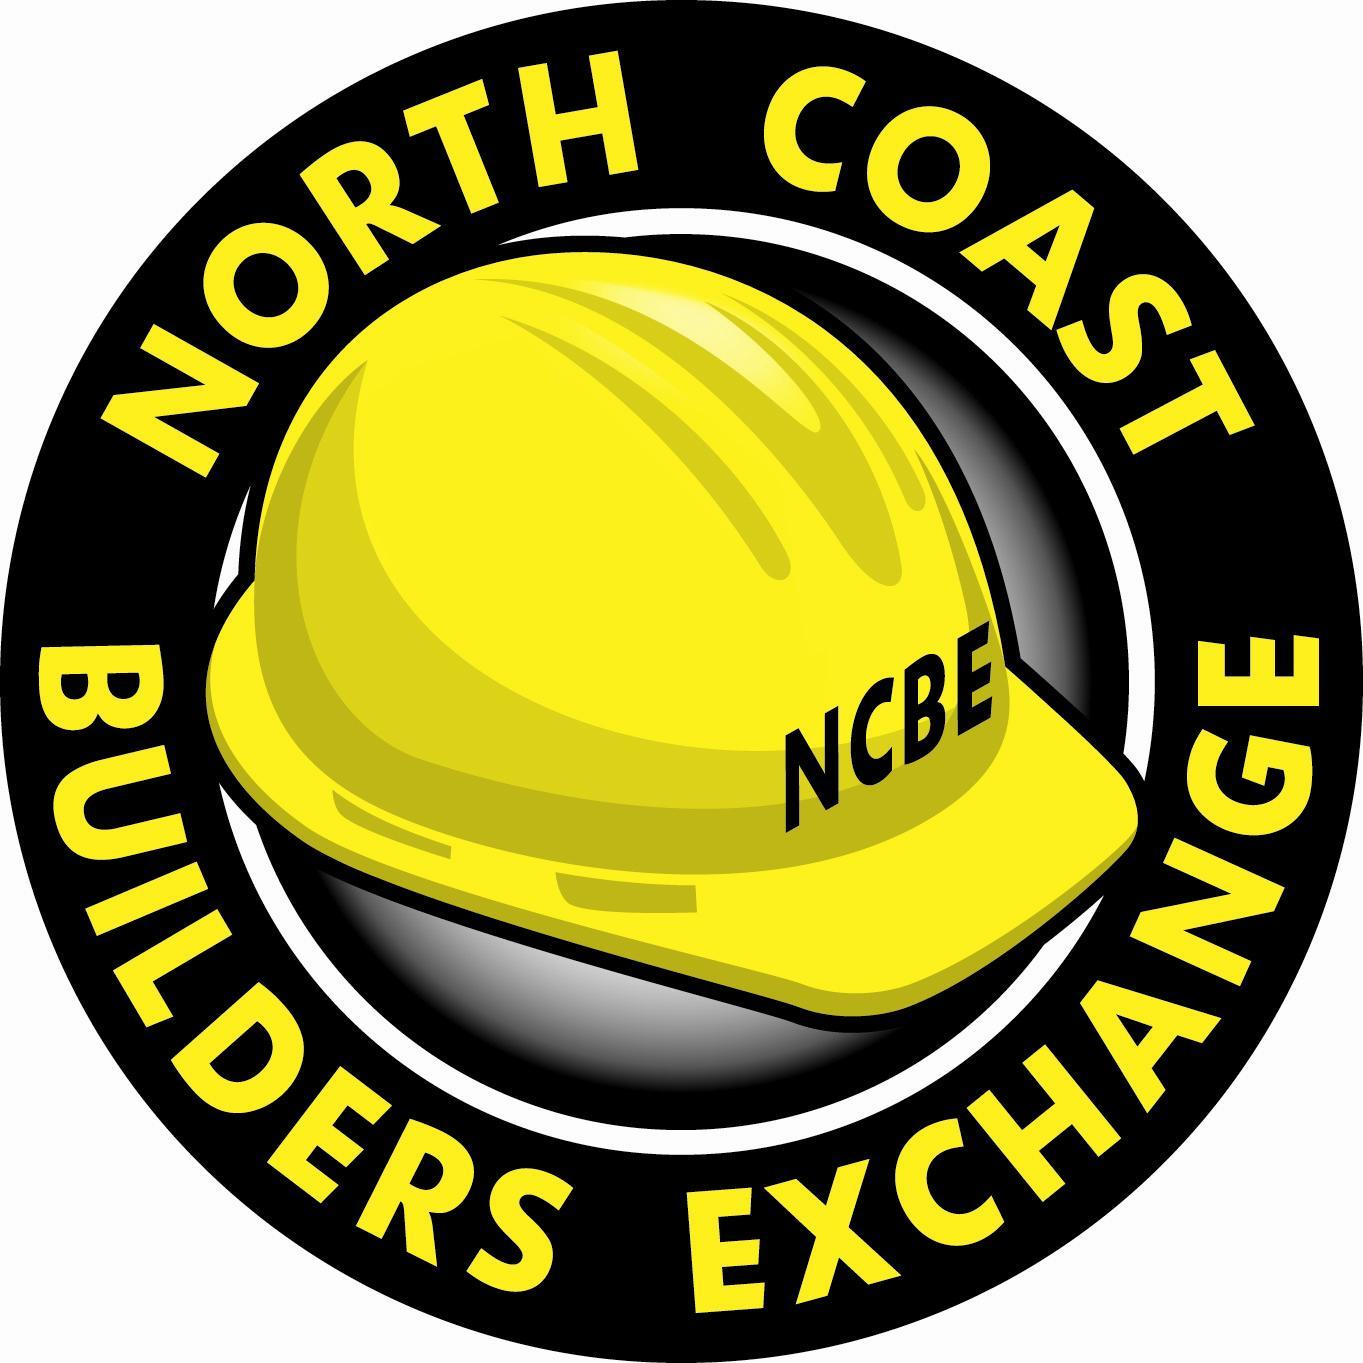 North Coast Builders Exchange.jpg